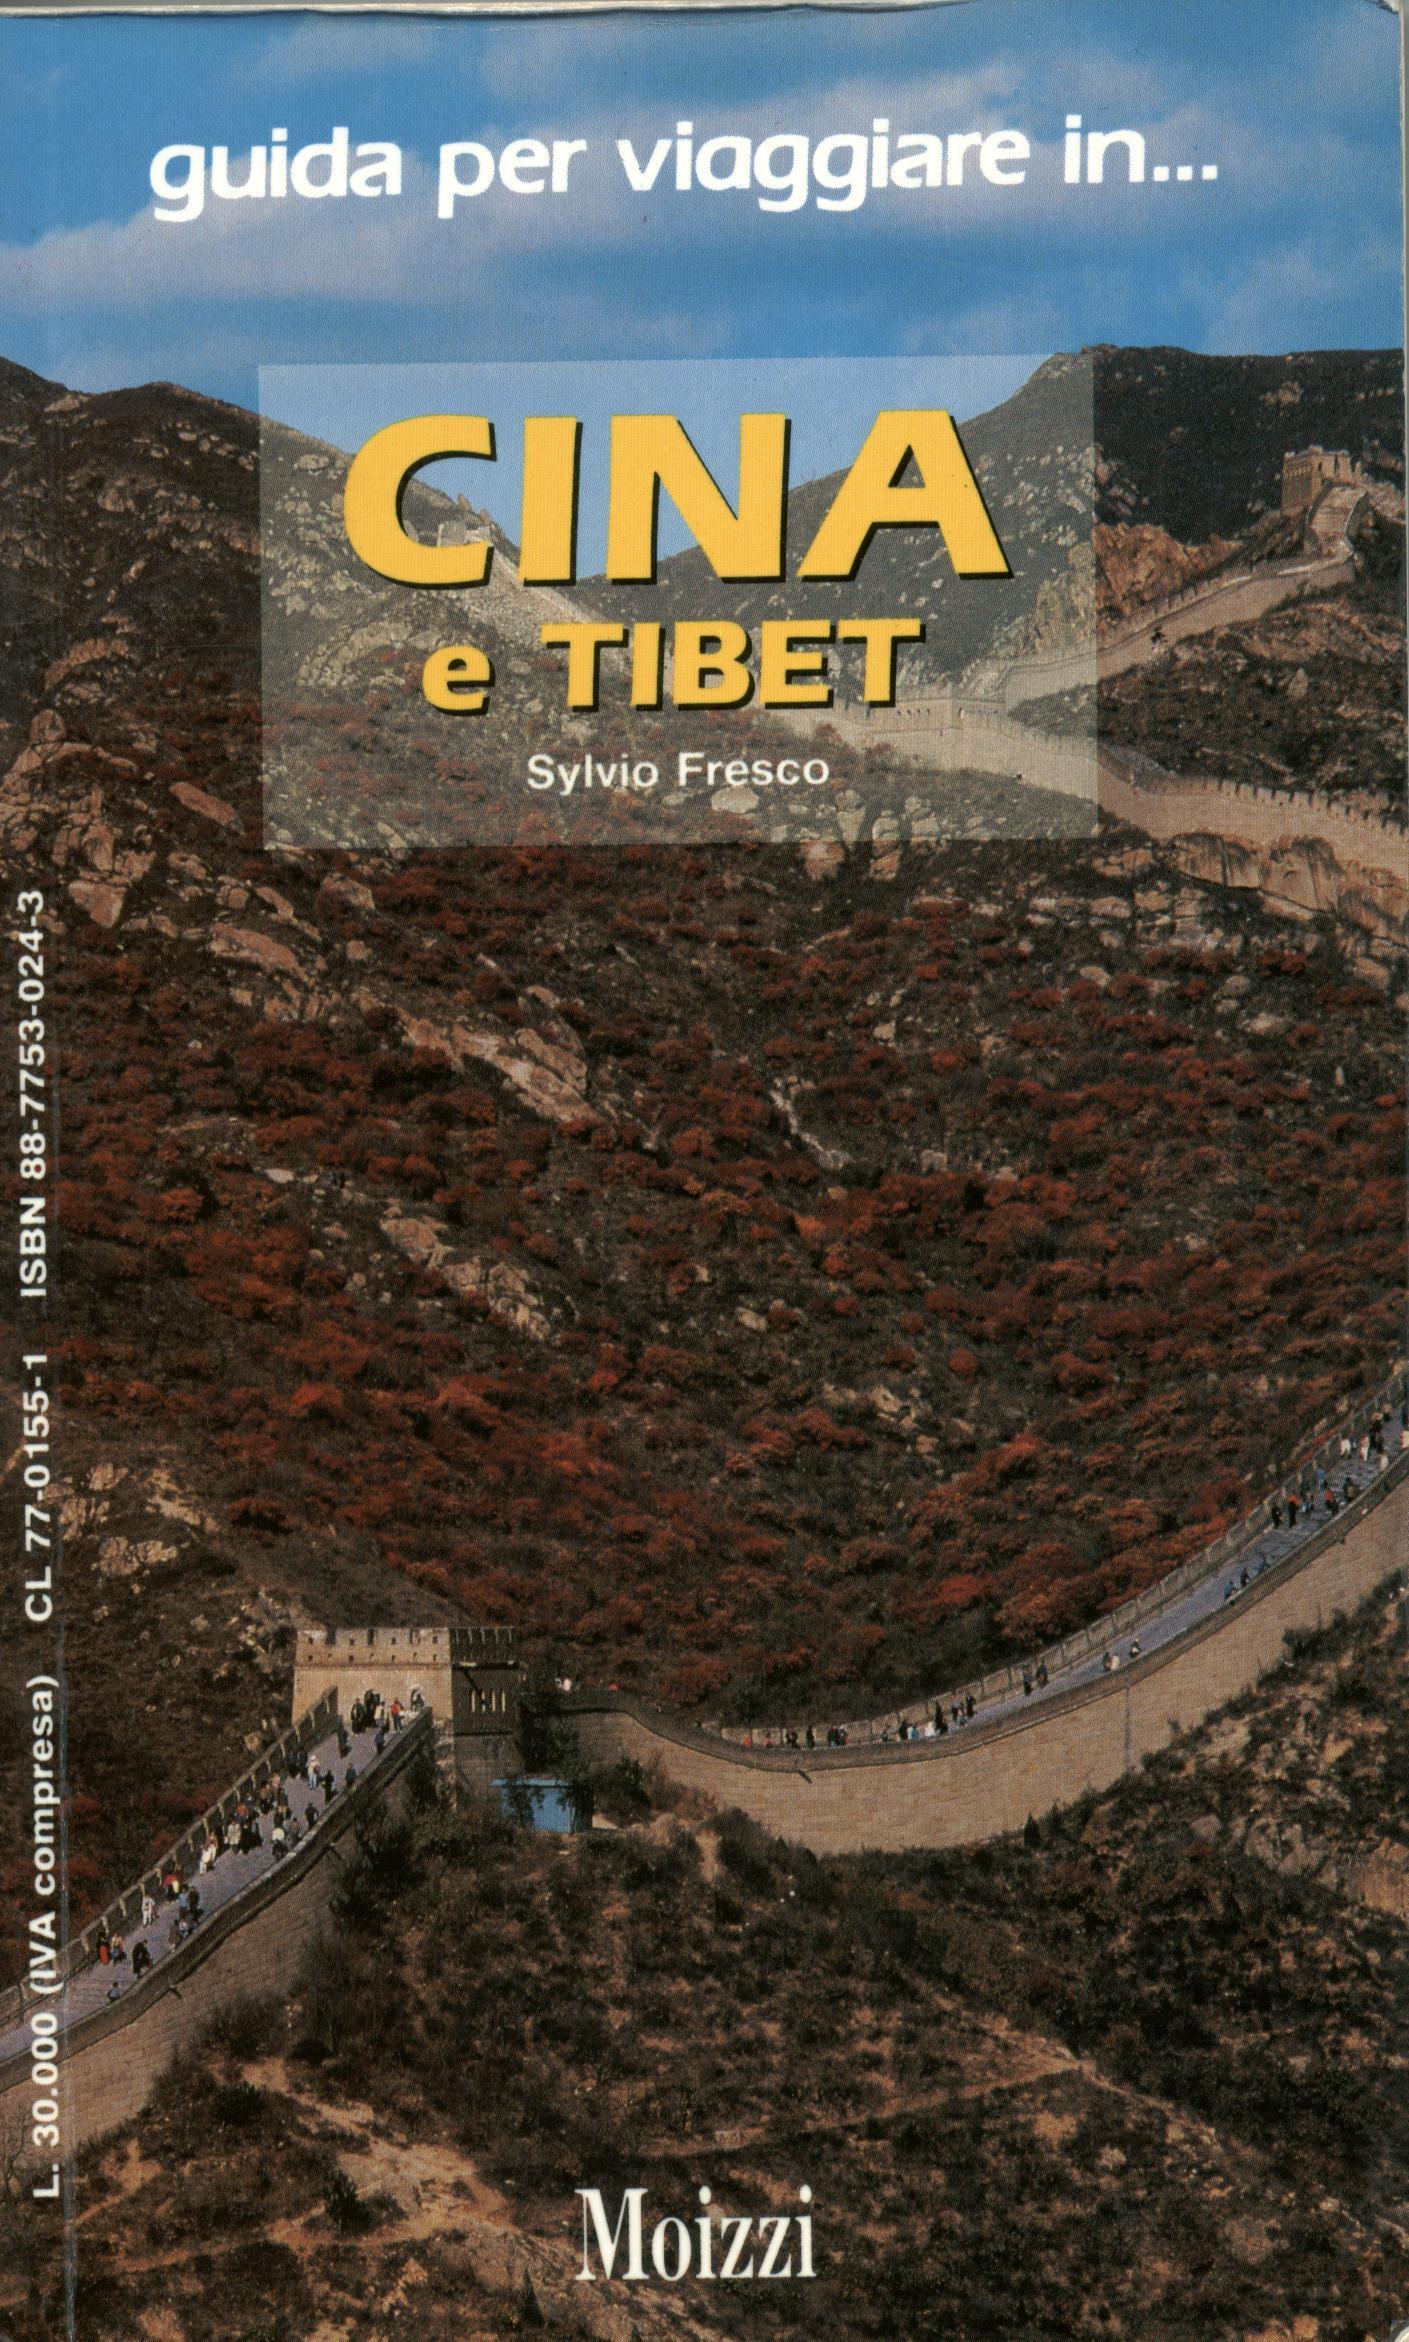 Cina e Tibet